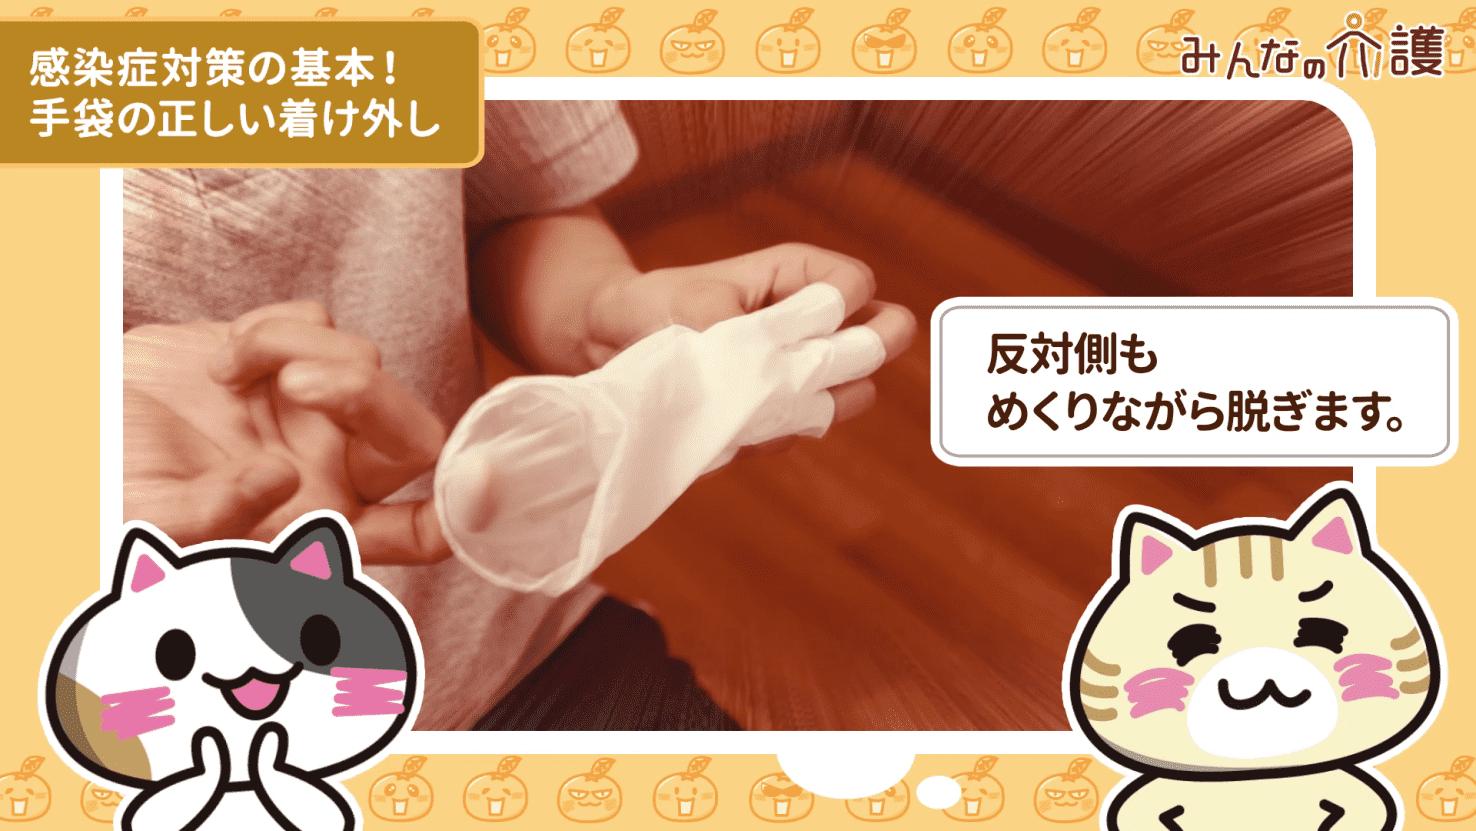 素手でめくる場合も手袋の表面には触らないように注意する